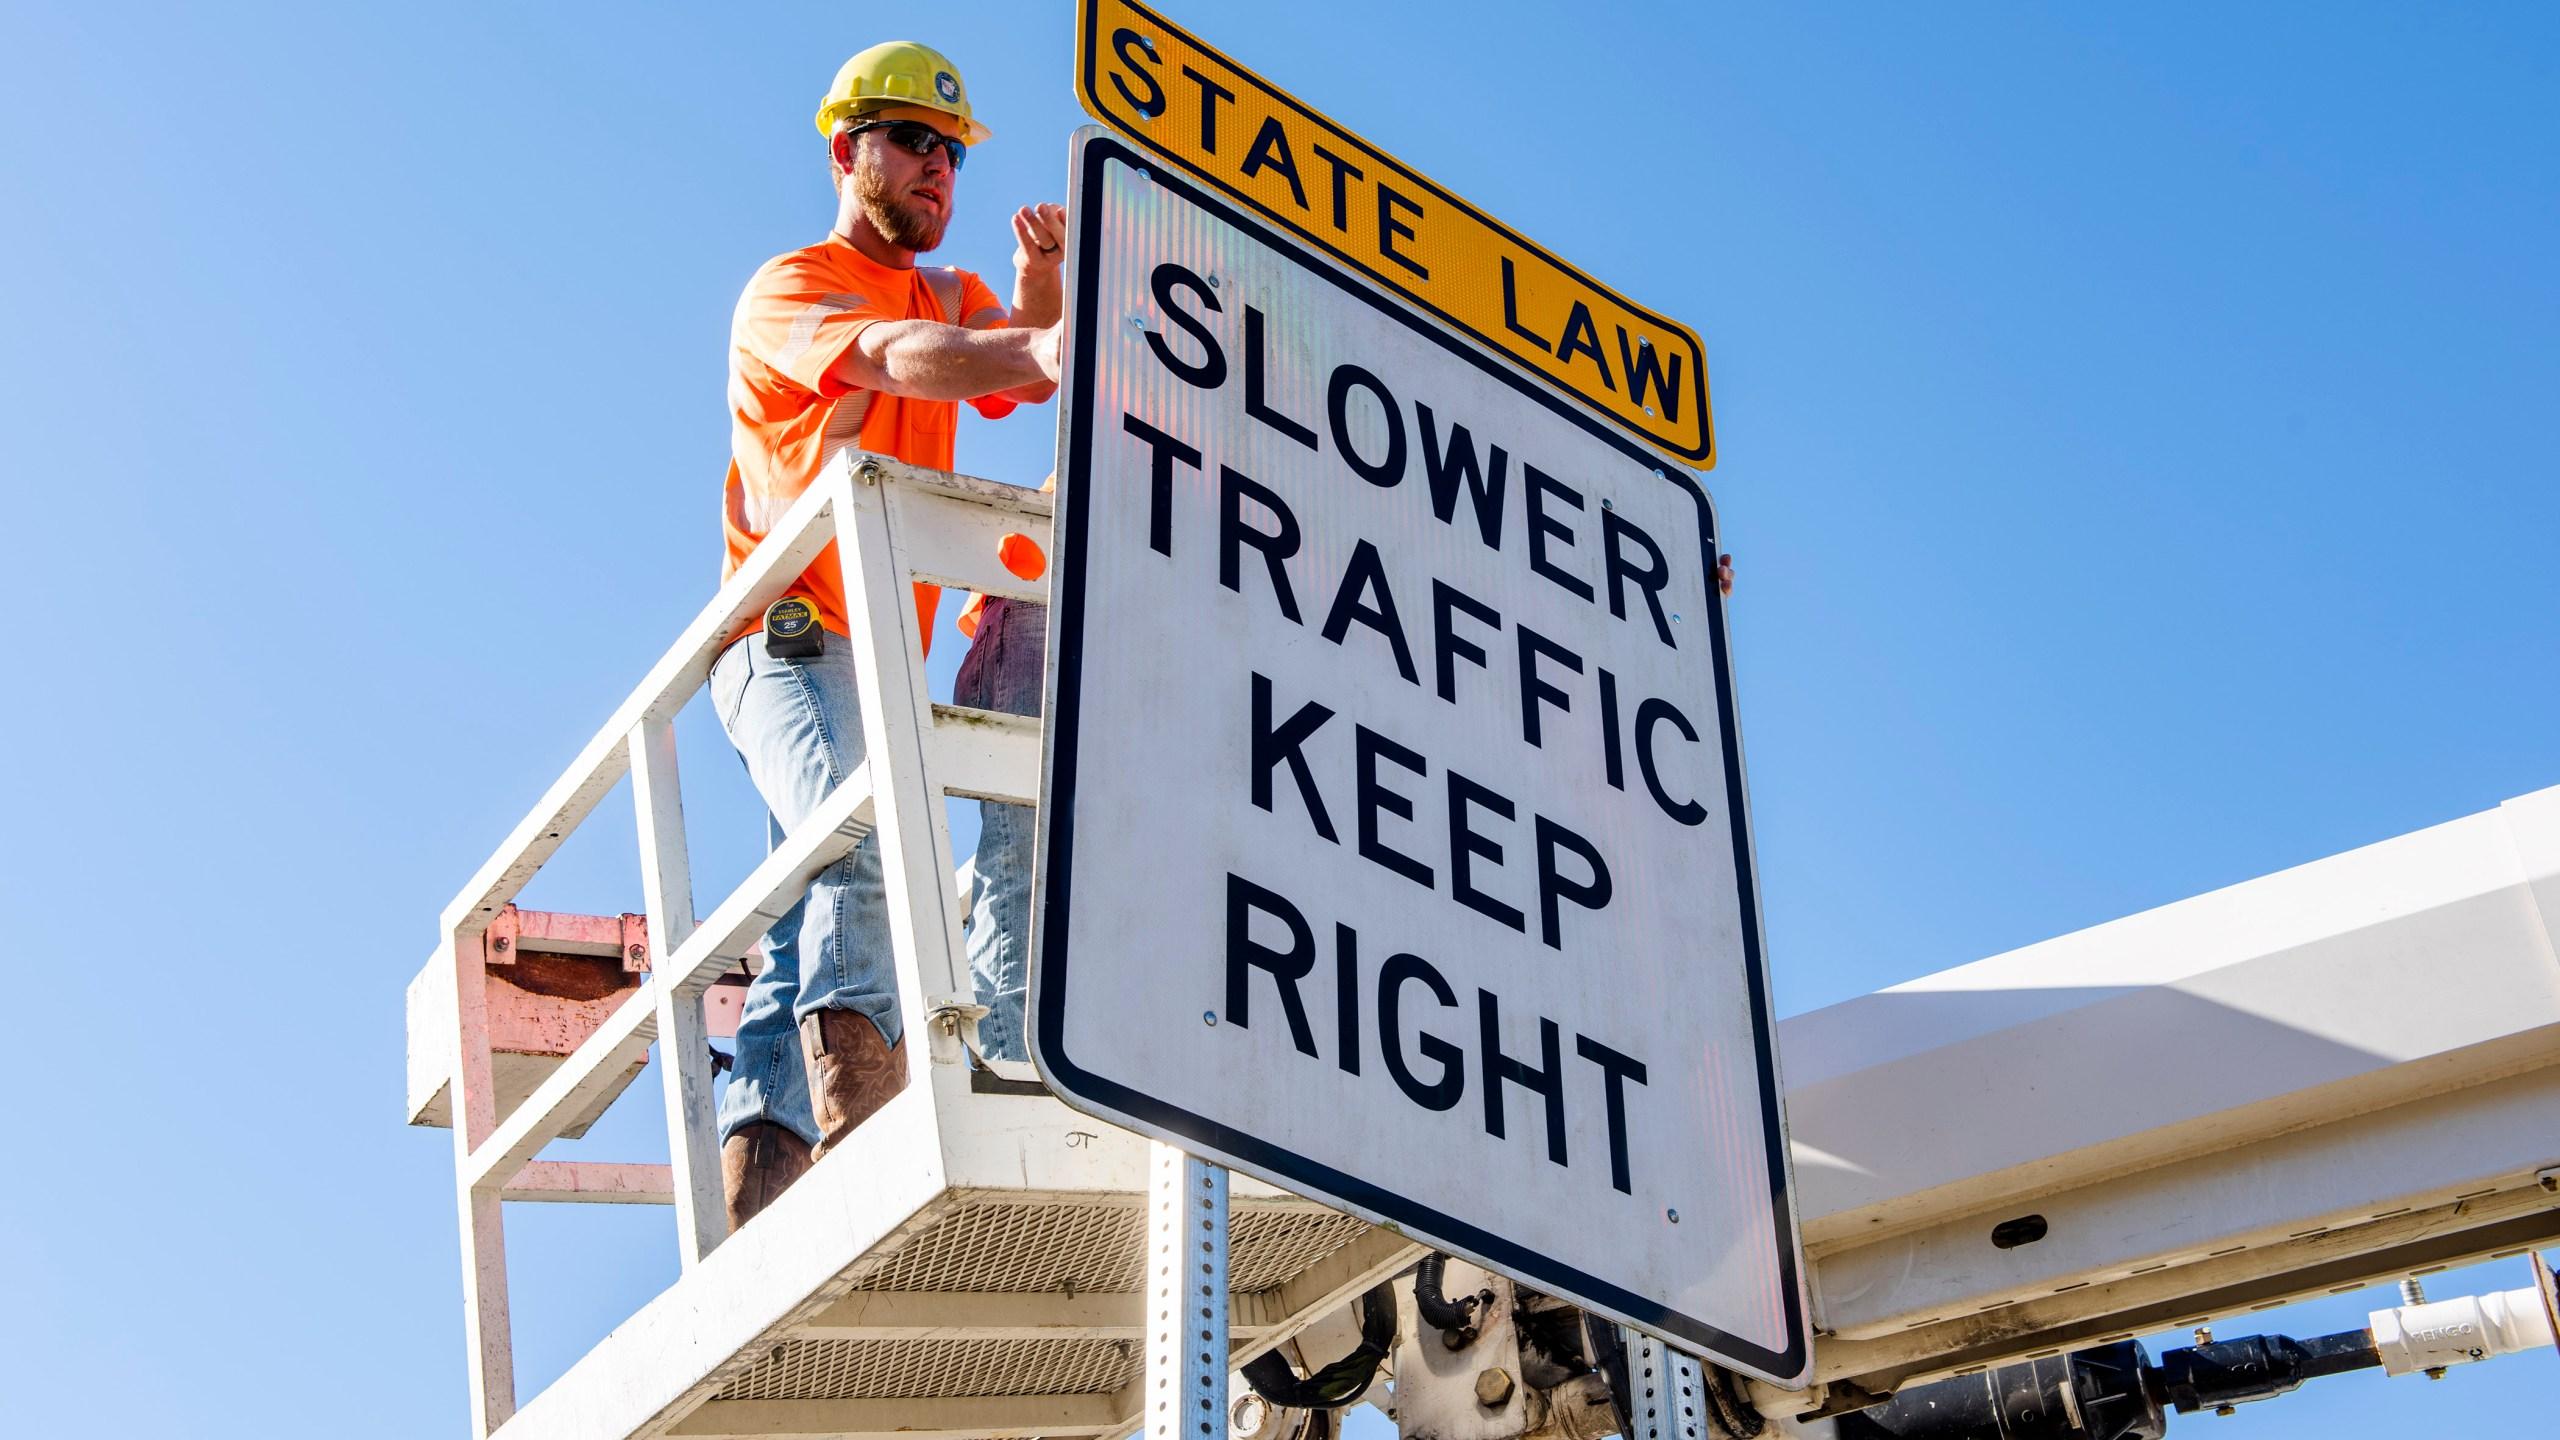 Slower Traffic Keep Right Arkansas Highway Signs_1548868800824.JPG-118809306.jpg